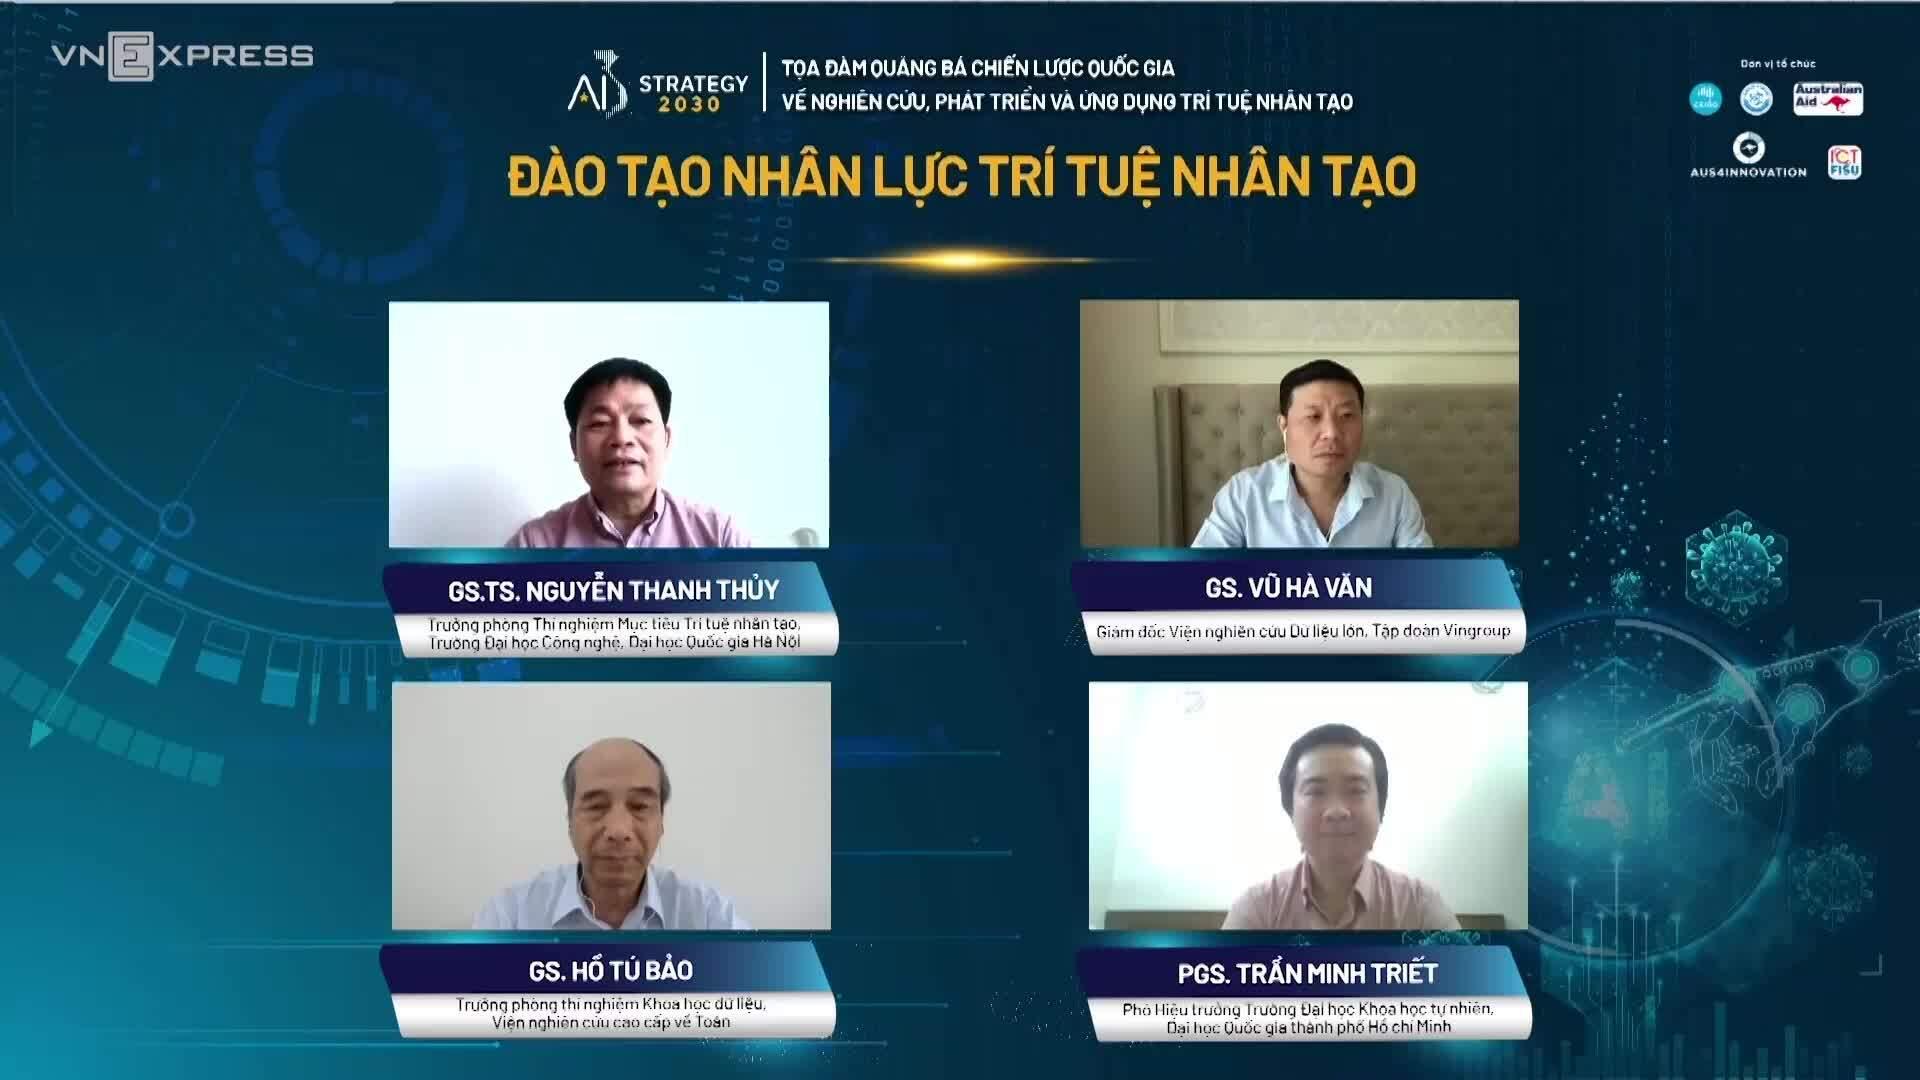 Tọa đàm trực tuyến 'Đào tạo nhân lực trí tuệ nhân tạo'